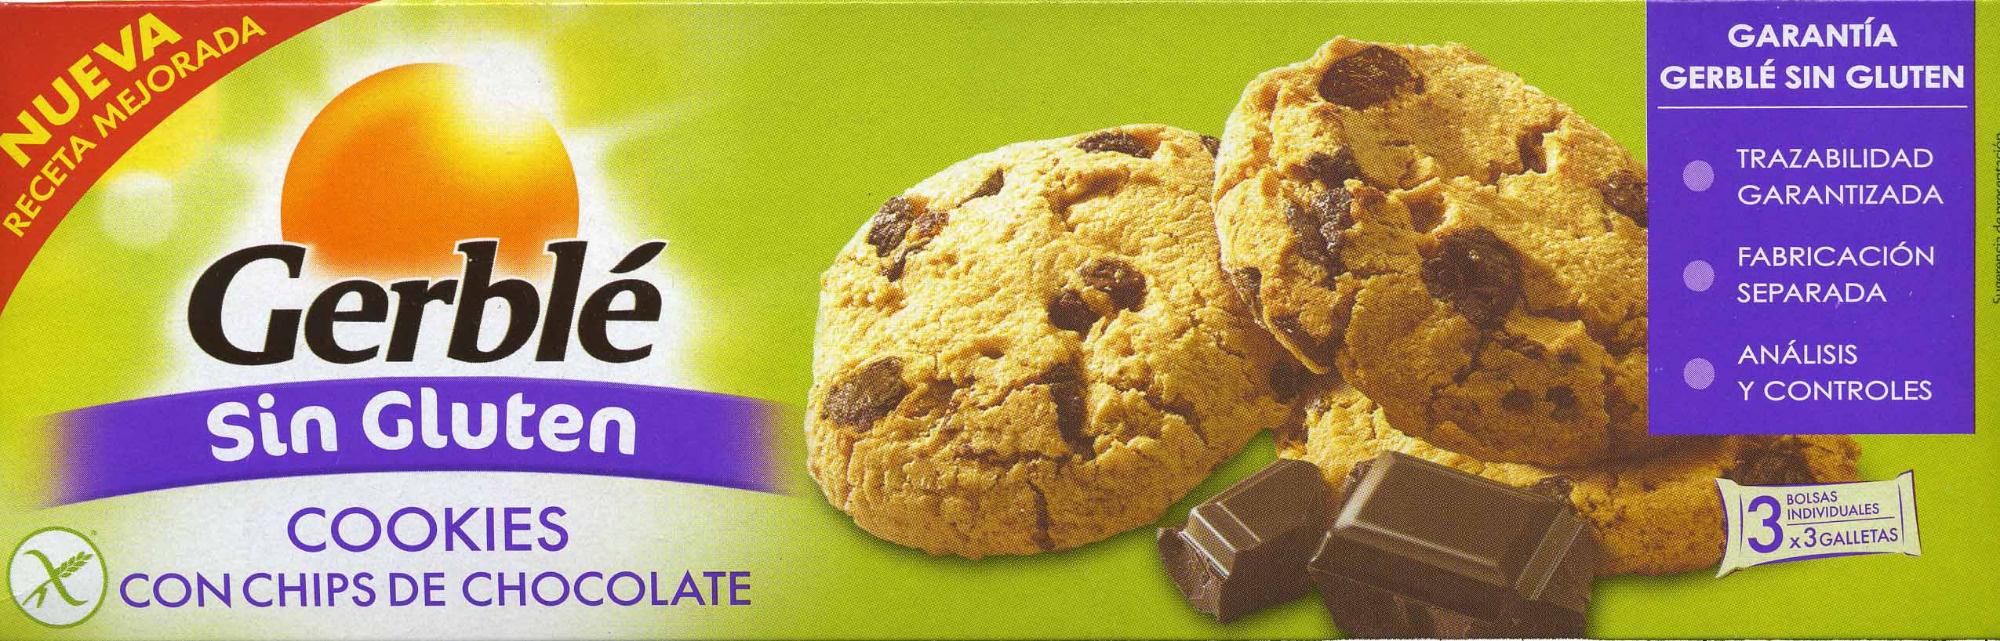 Cookies con chips de chocolate sin gluten - Producto - es